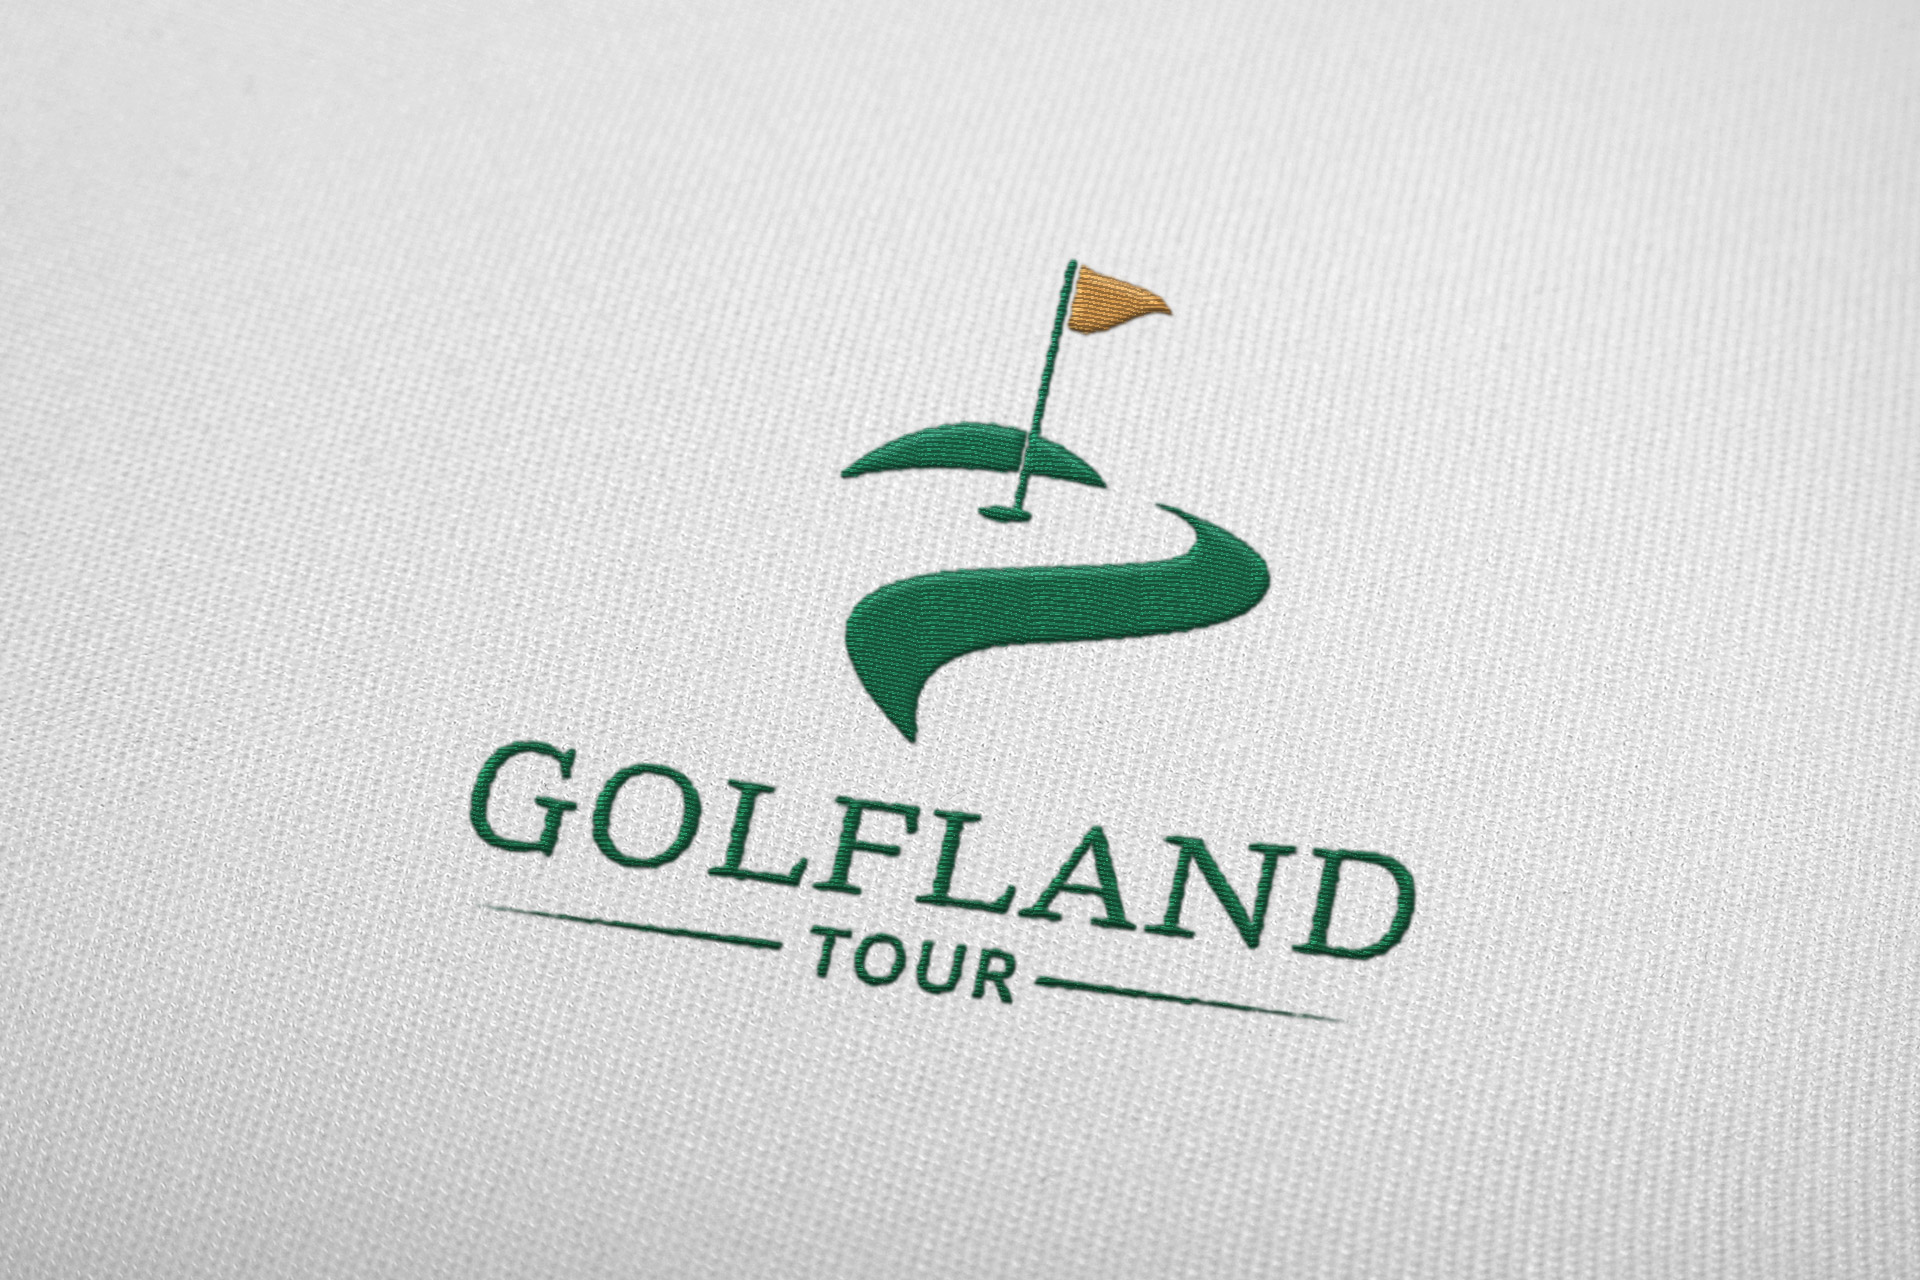 Dizajn i izrada logotipa za Golfland Shop & Tour